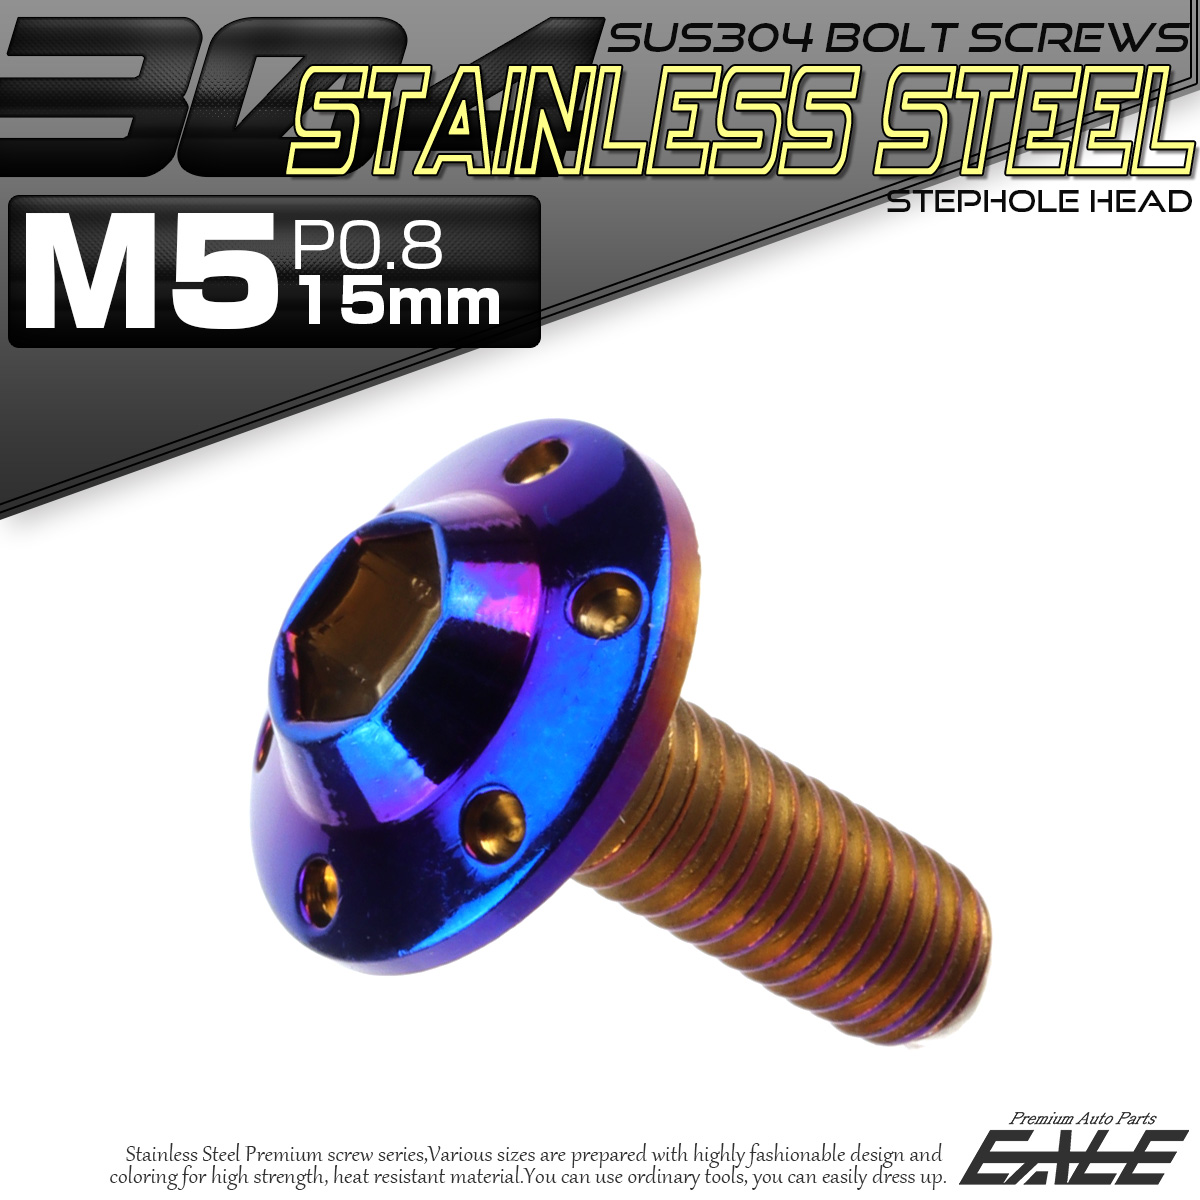 SUS304 フランジ付 ボタンボルト M5×15mm P0.8 六角穴  焼きチタン ステップホールヘッド ステンレス製 TR0201